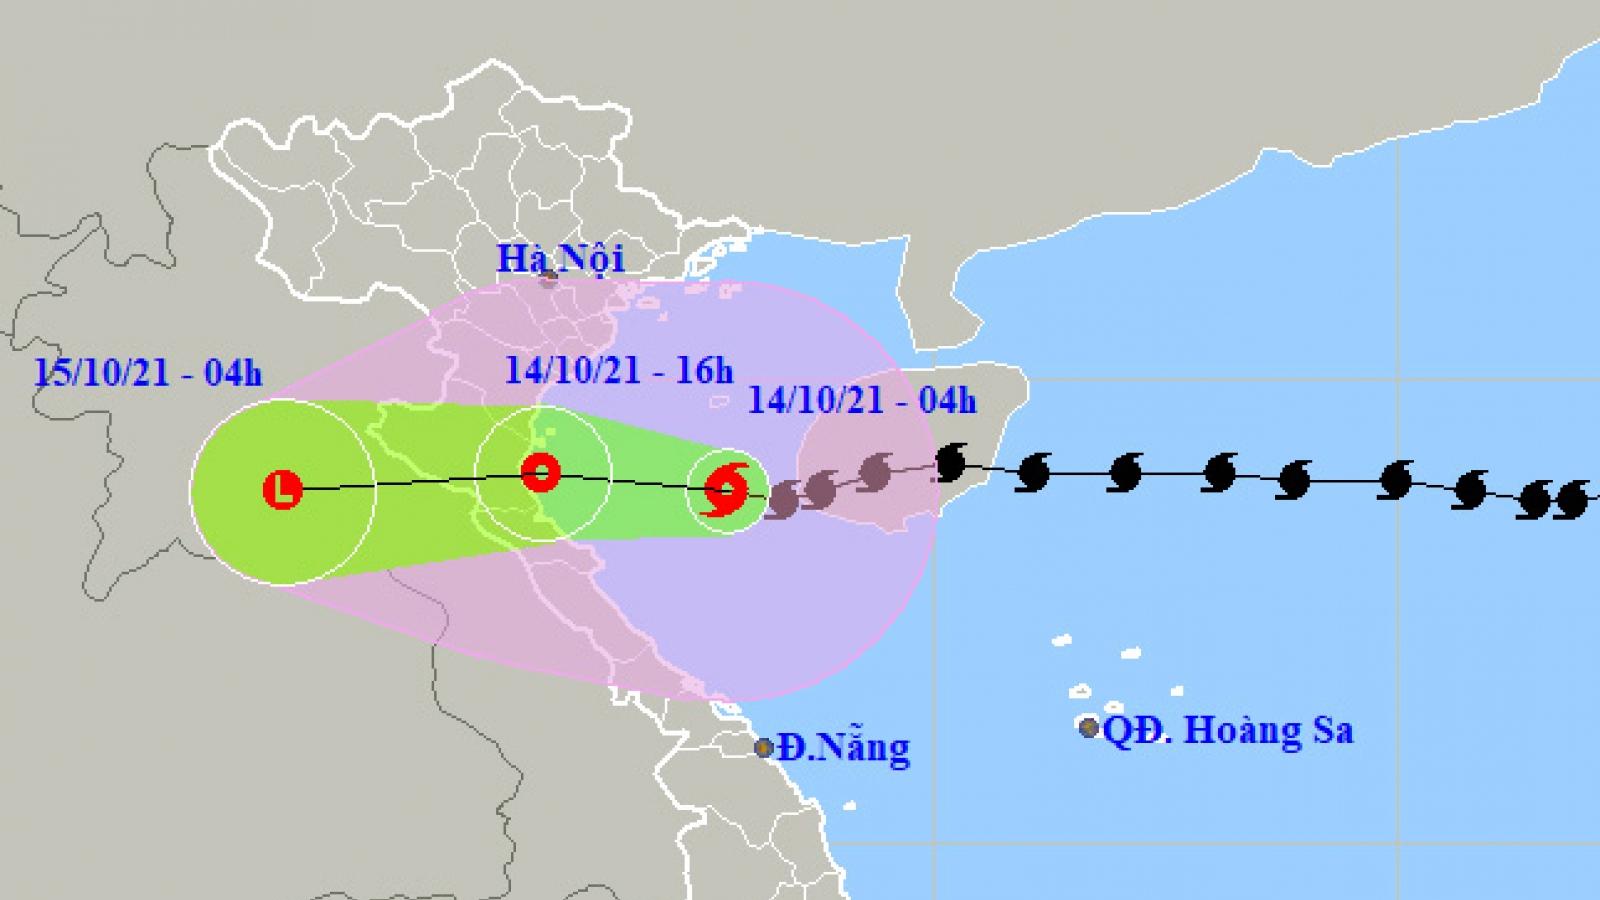 Áp thấp nhiệt đới giảm cấp, hiện đang trên vùng biển Nam Định -Thanh Hóa